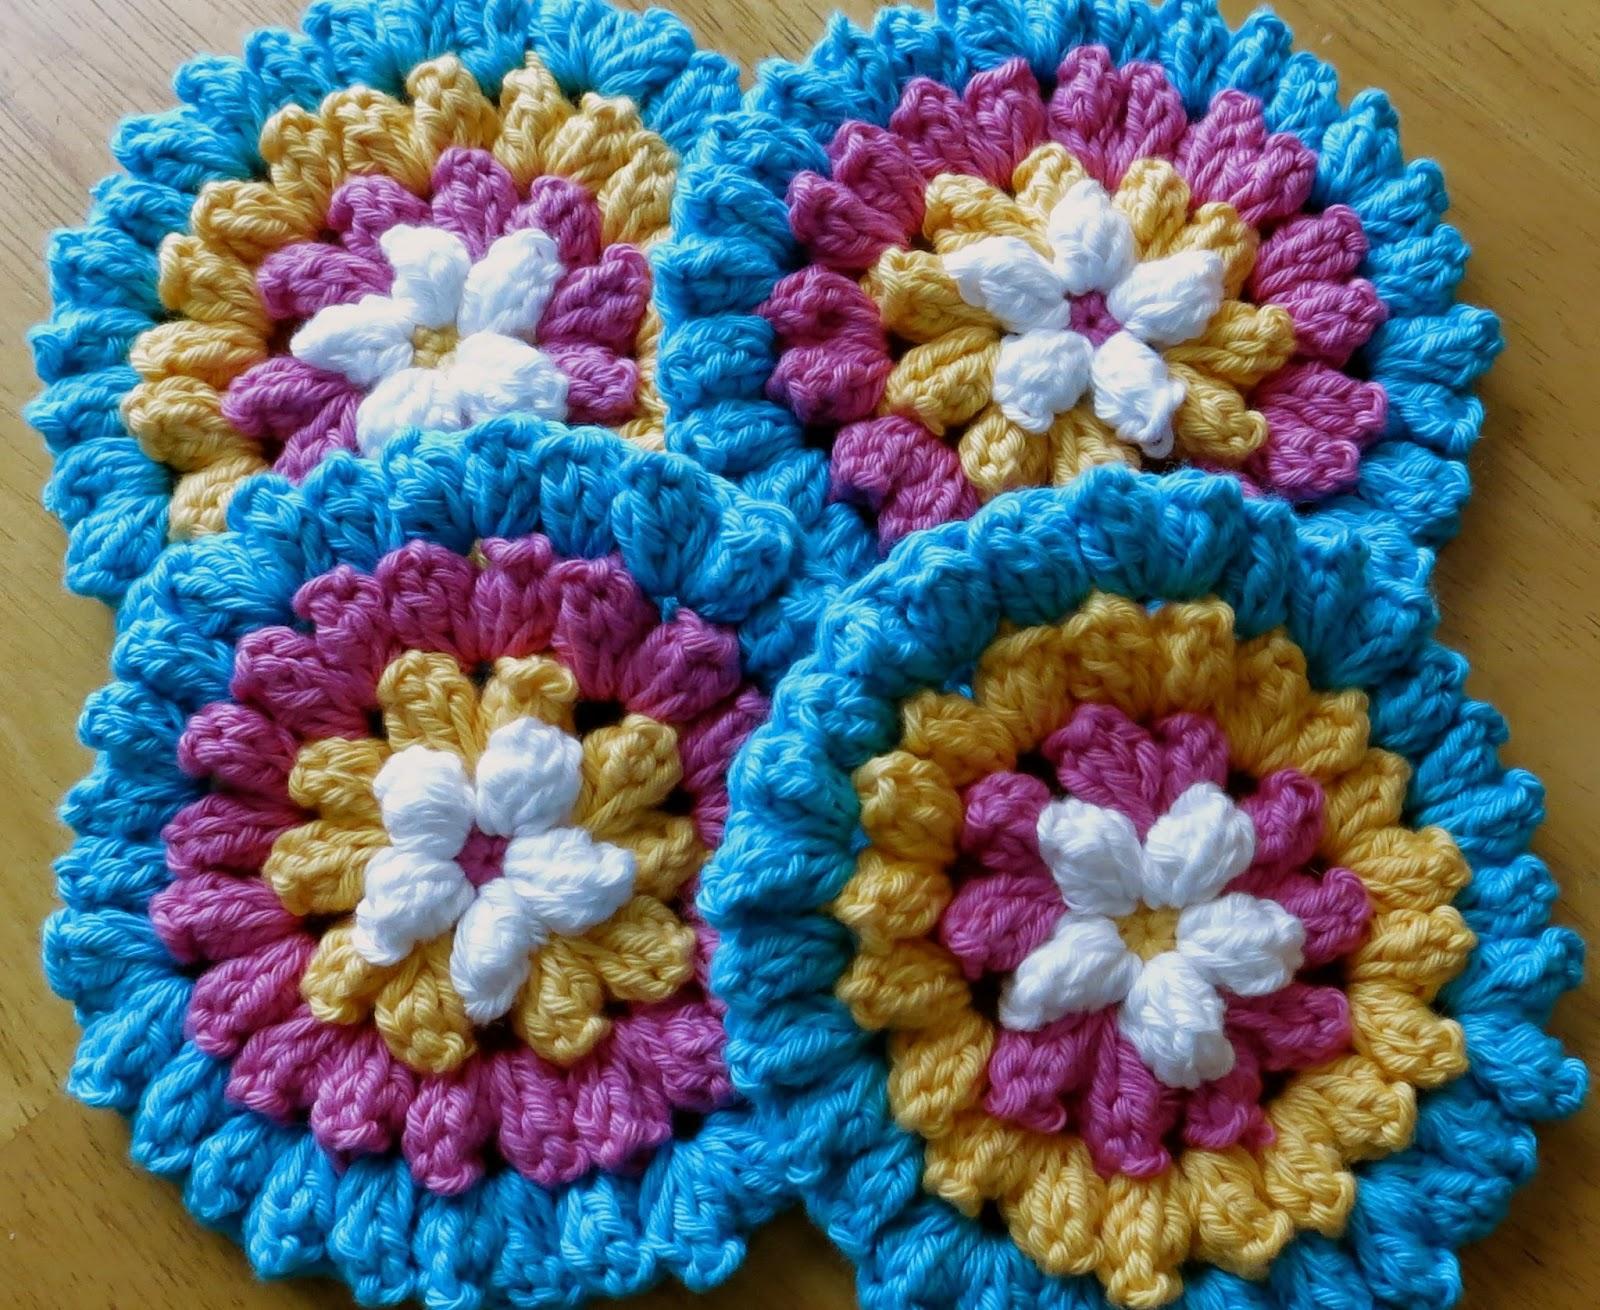 Crochet Popcorn Flower Free Pattern : Das Crochet Connection: Popcorn Flower Coasters